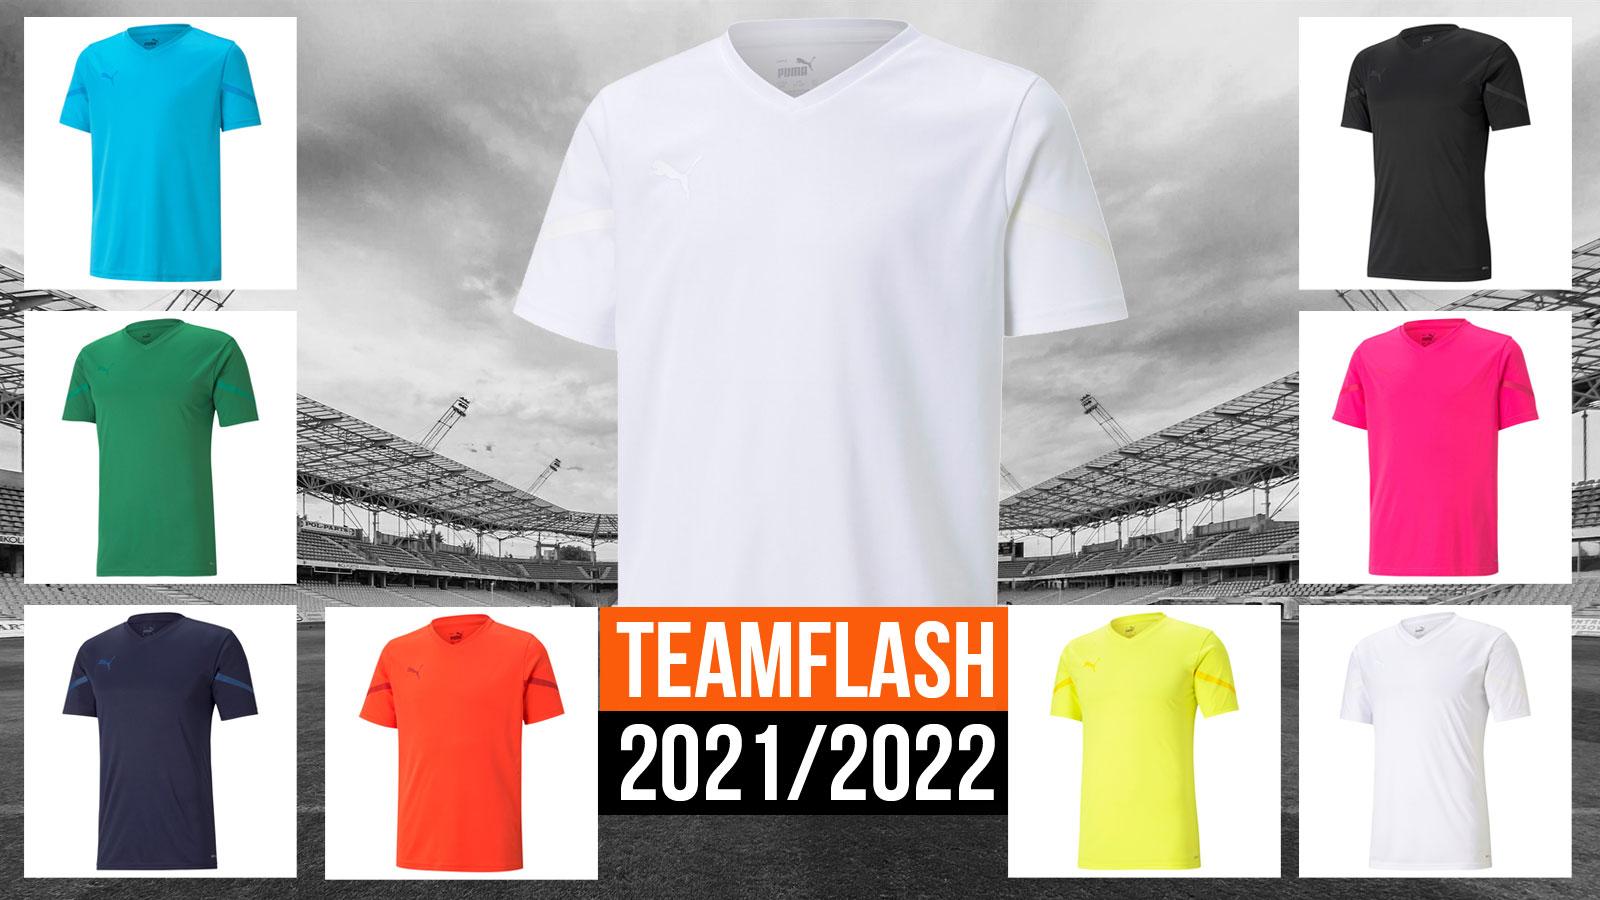 das Puma teamFlash Trikot 2021/2022 für Trikotsätze